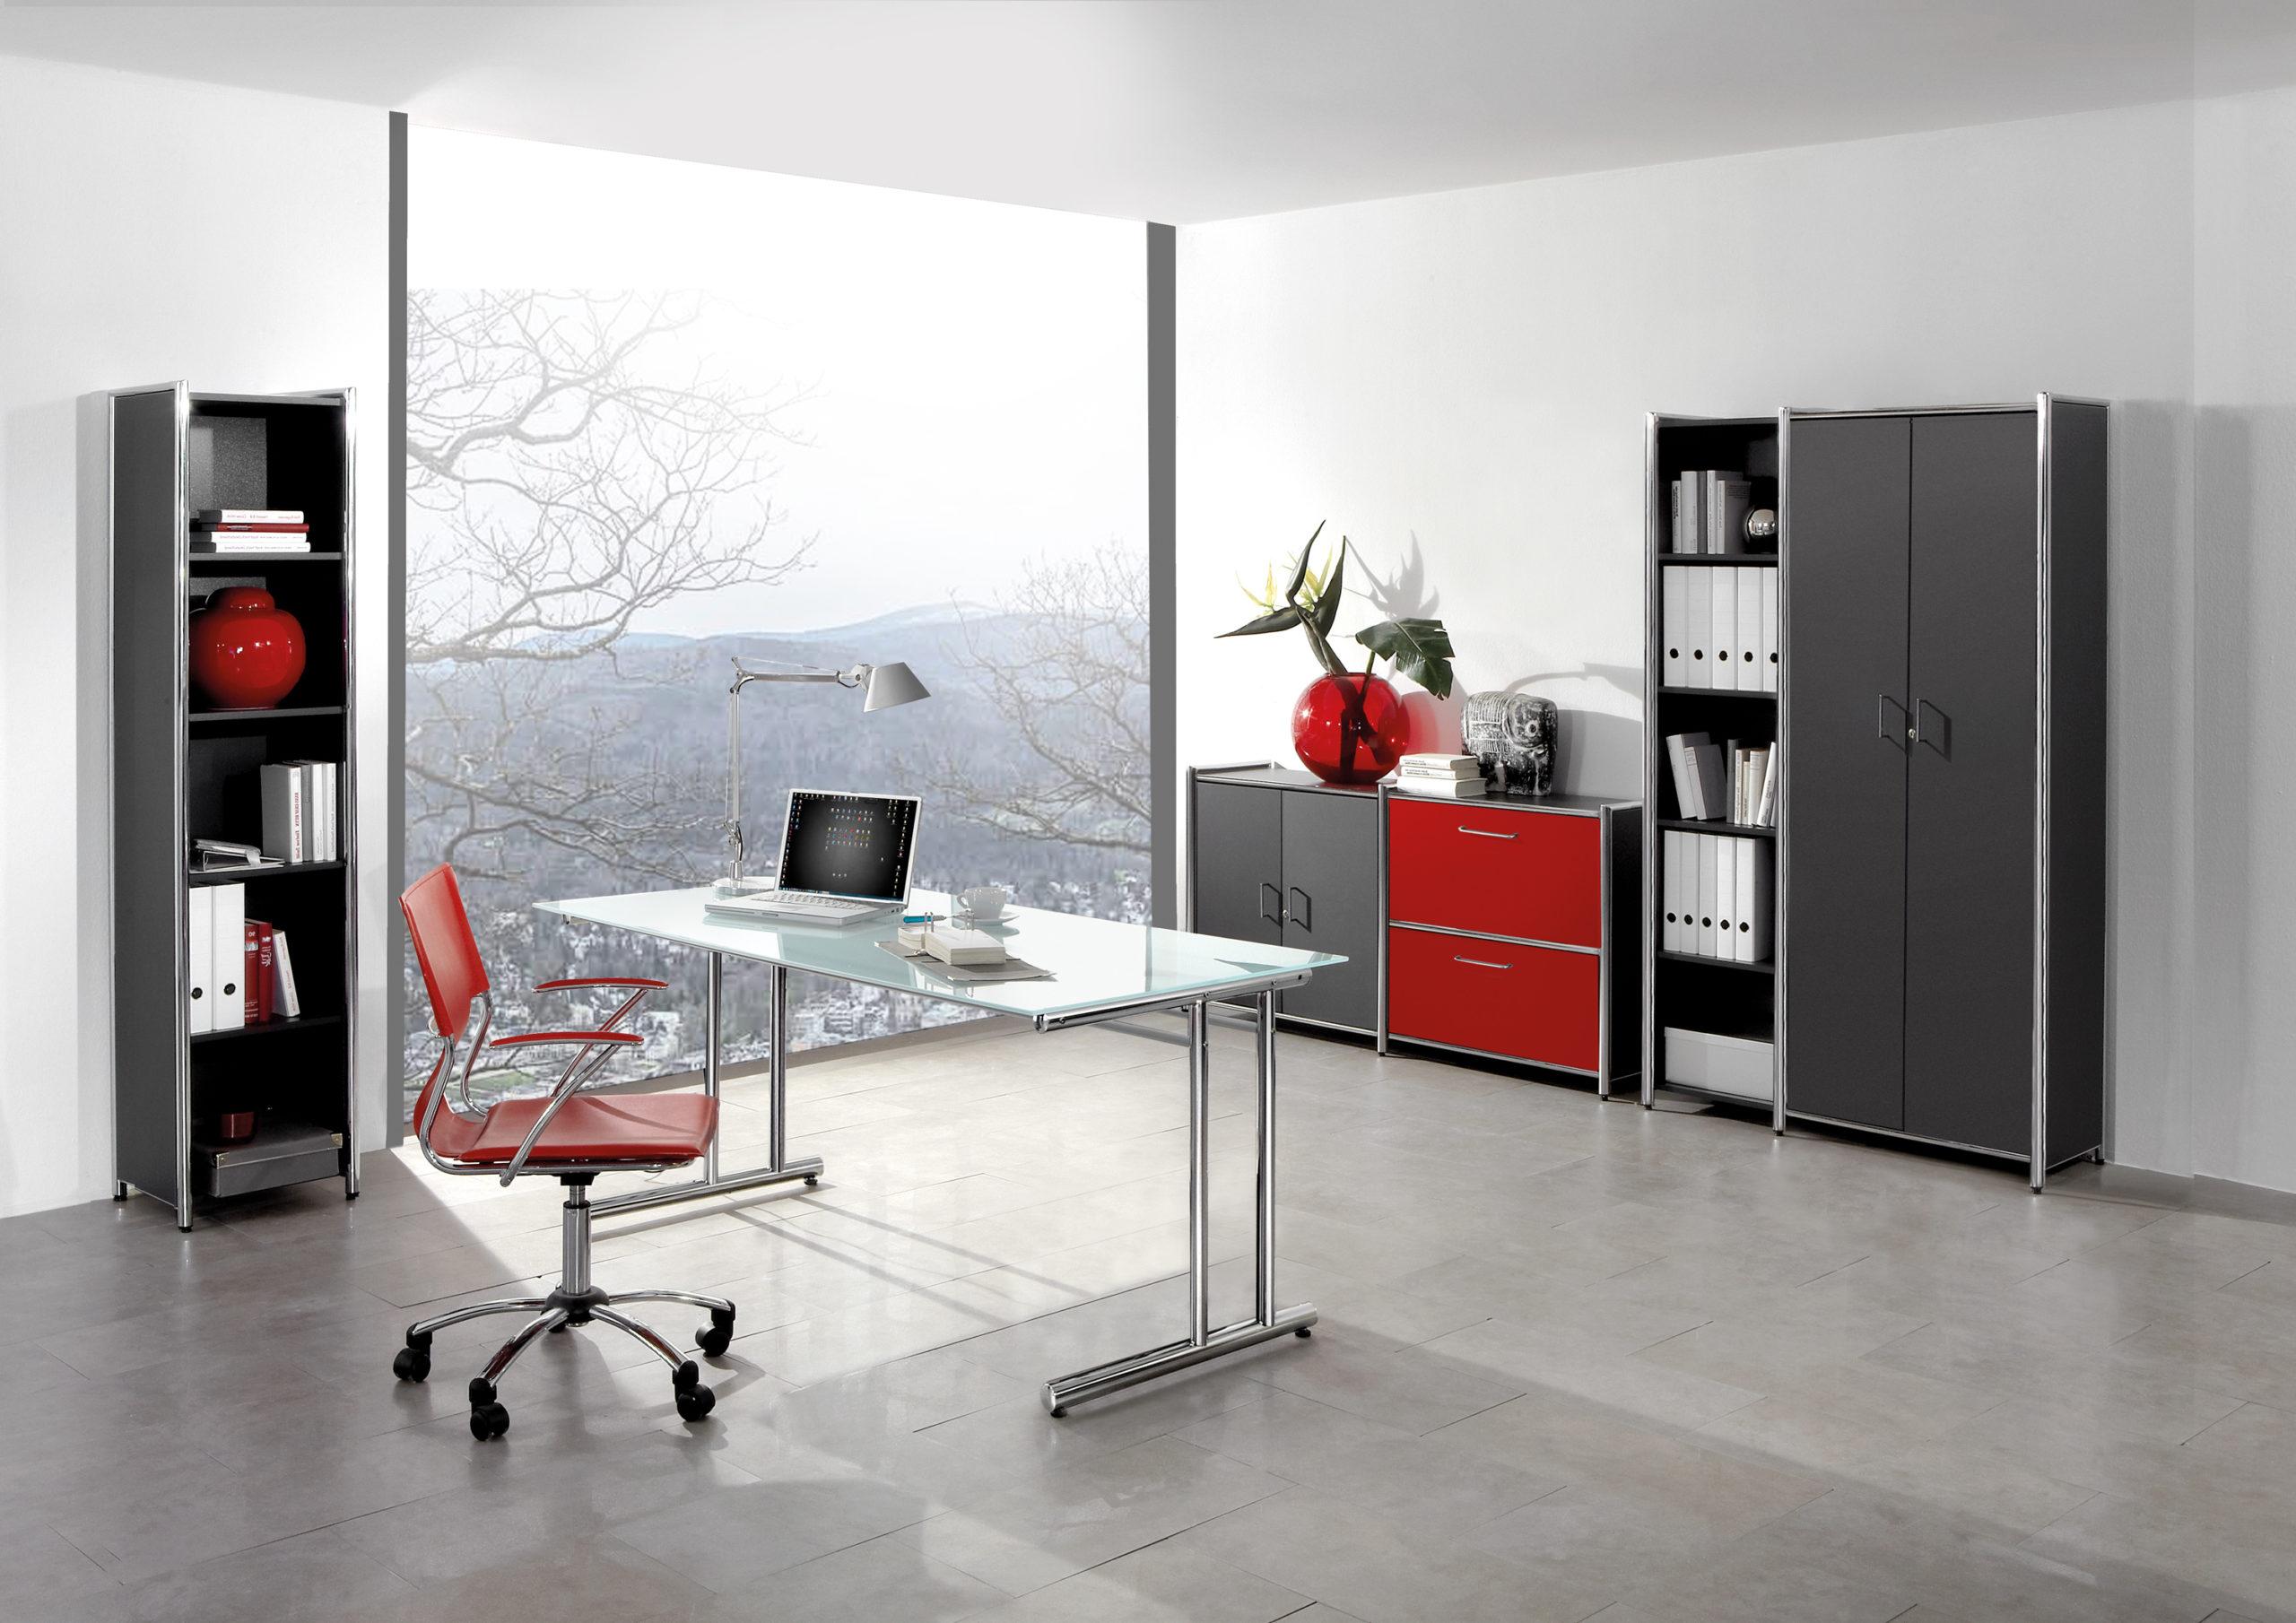 Home-Office einrichten: Wir empfehlen, den Schreibtisch seitlich neben das Fenster zu stellen